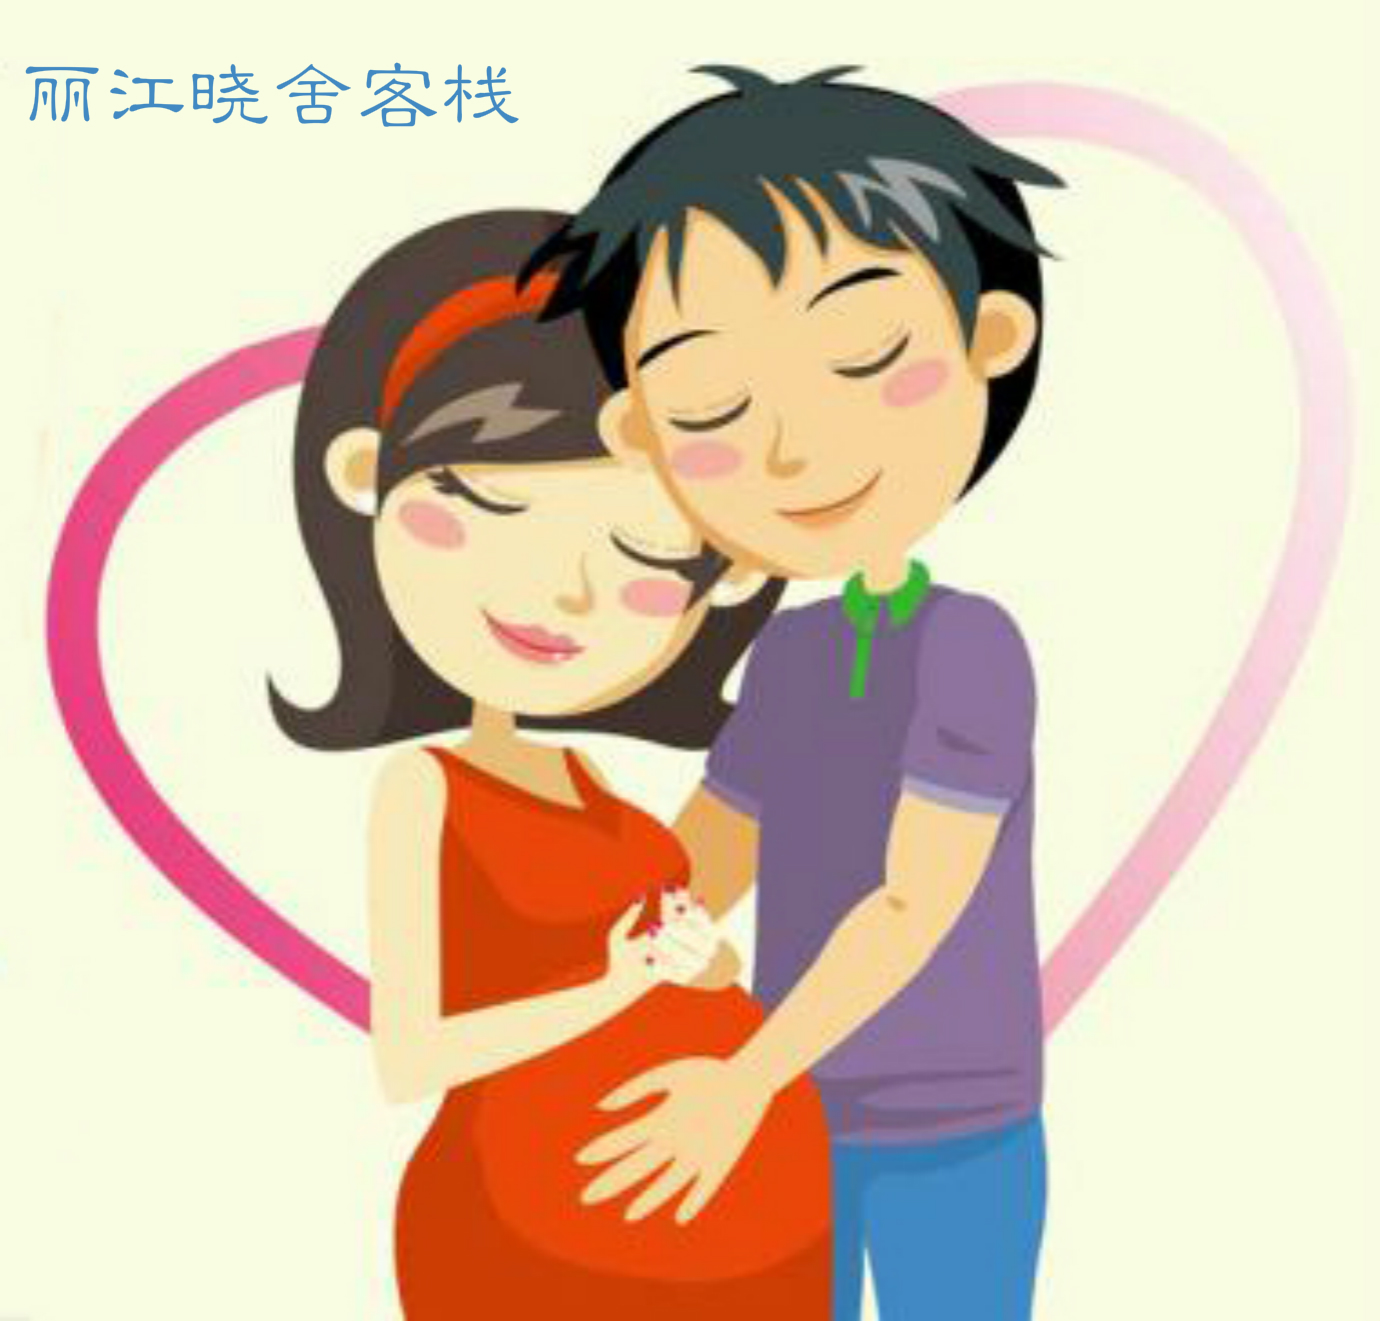 男人与孕妇人物.jpeg